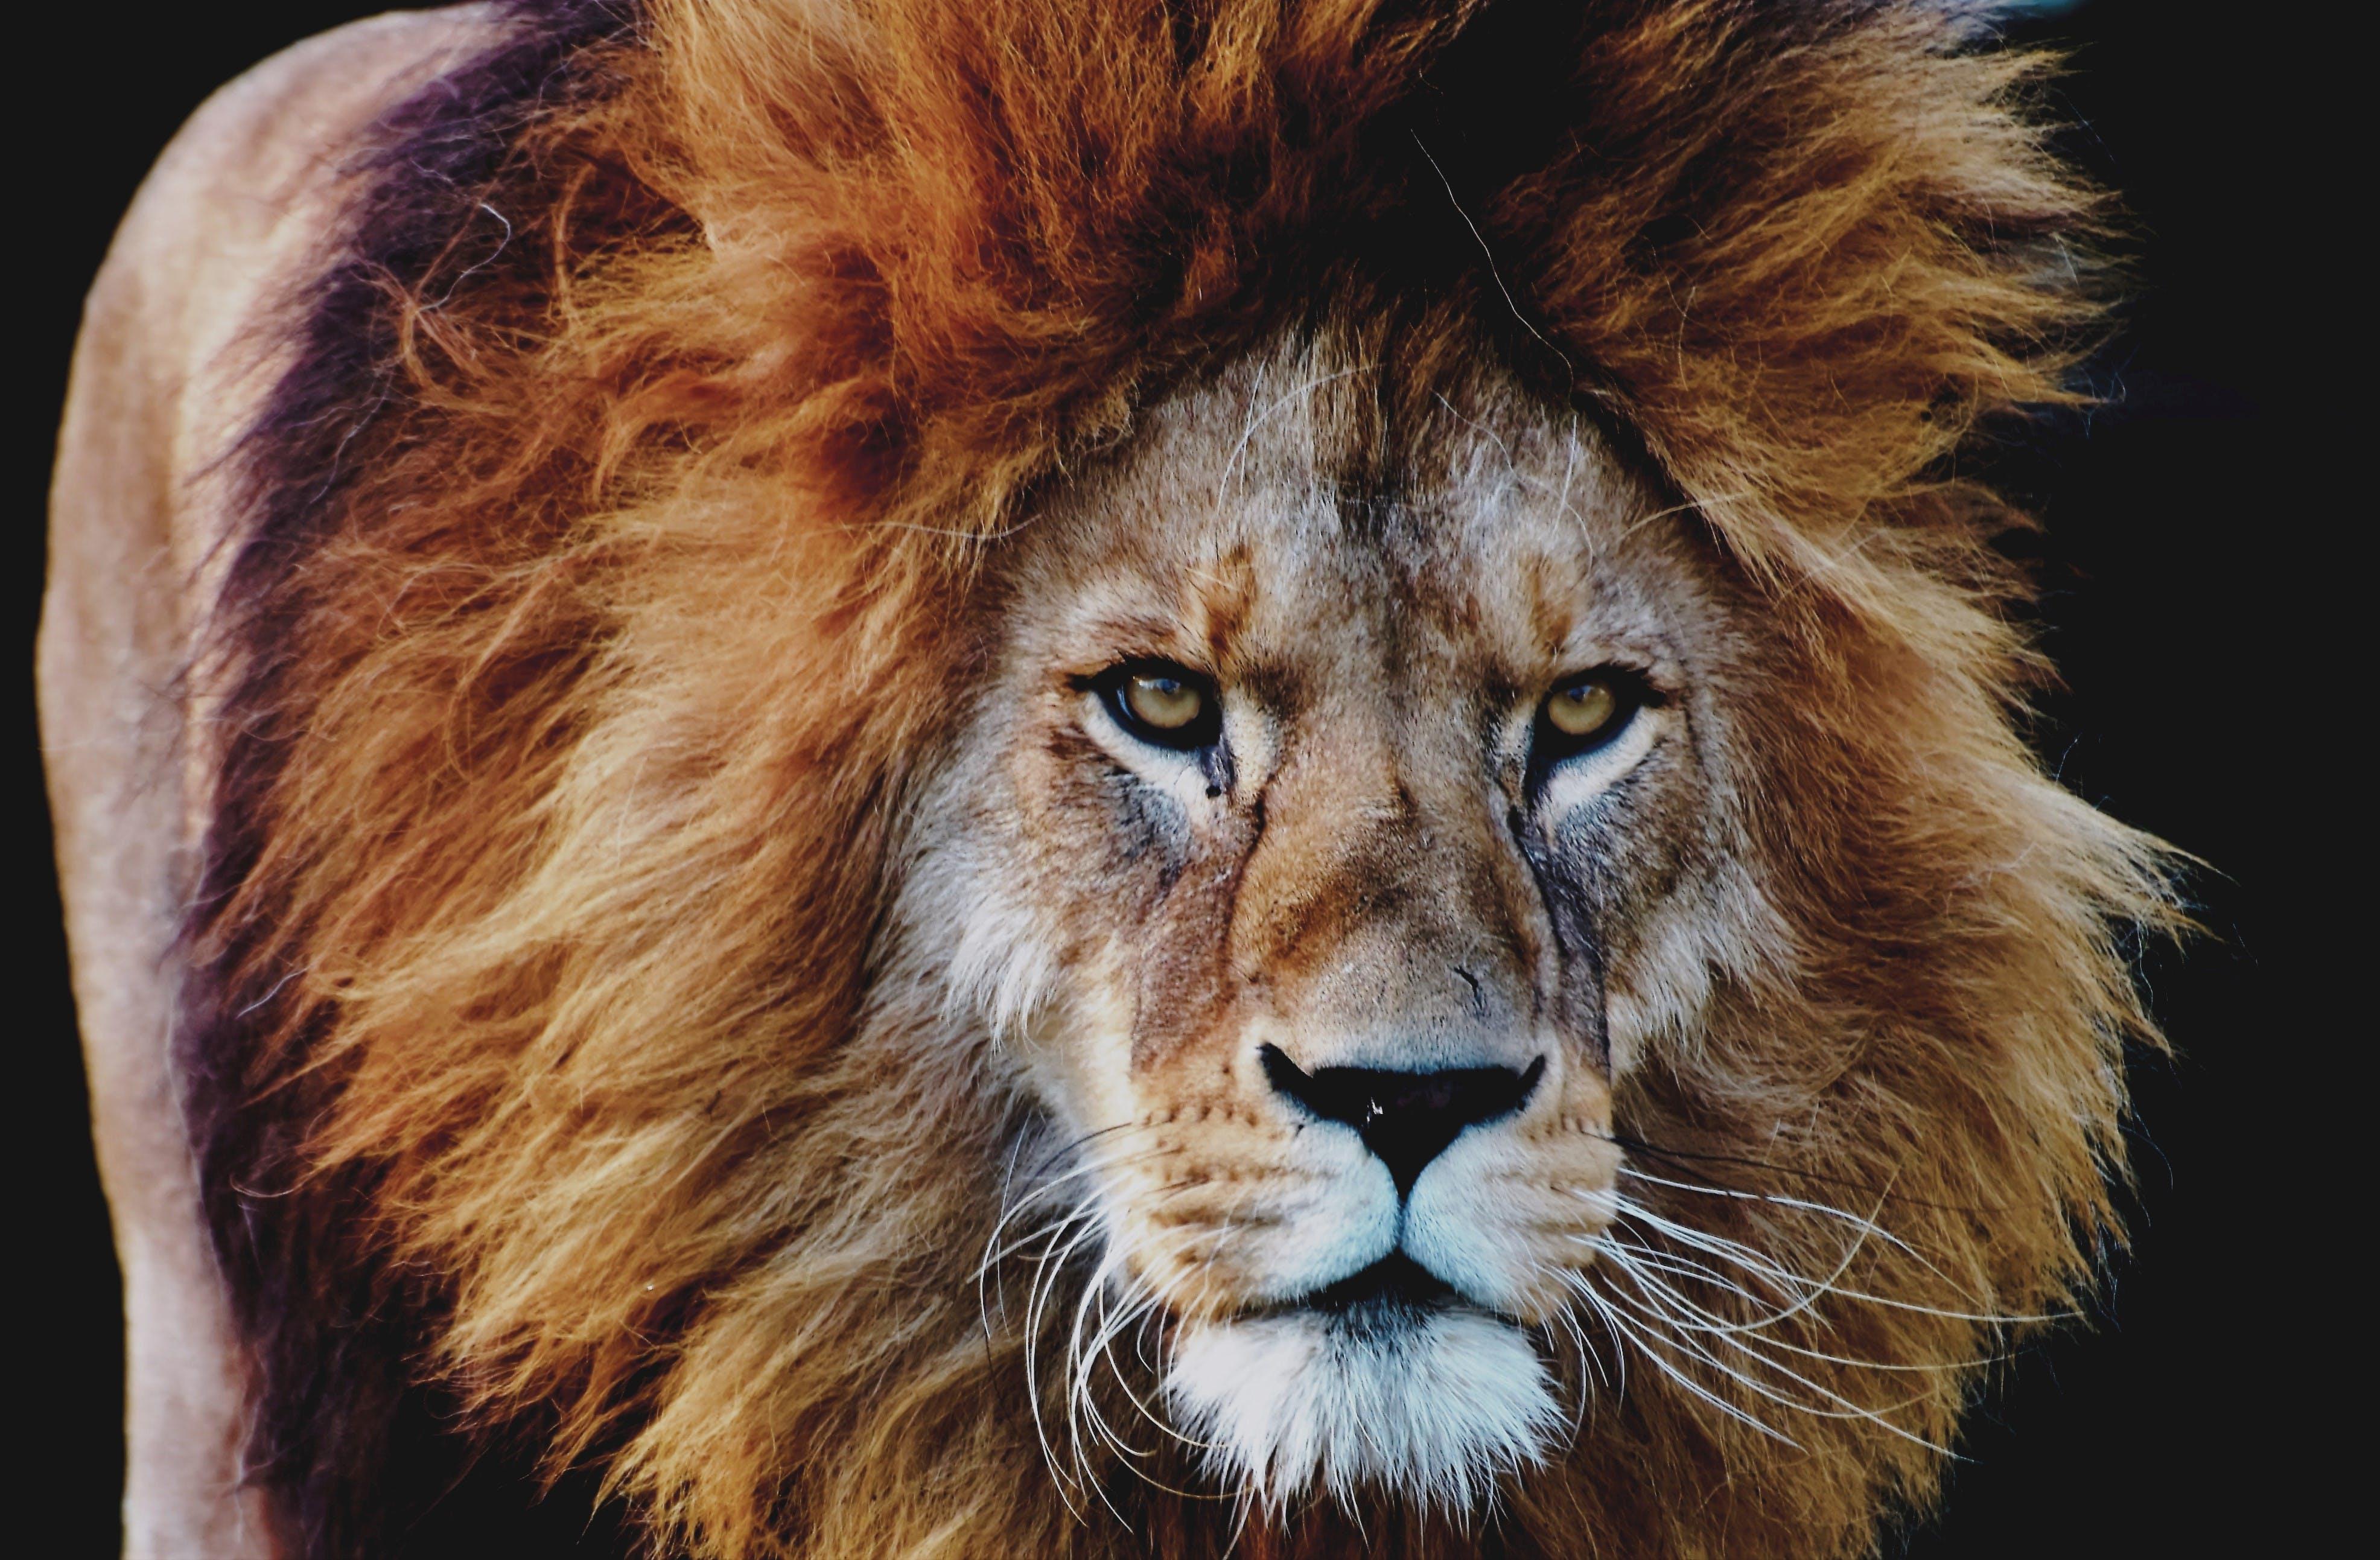 Gratis lagerfoto af dyr, dyrefotografering, dyreliv, hoved